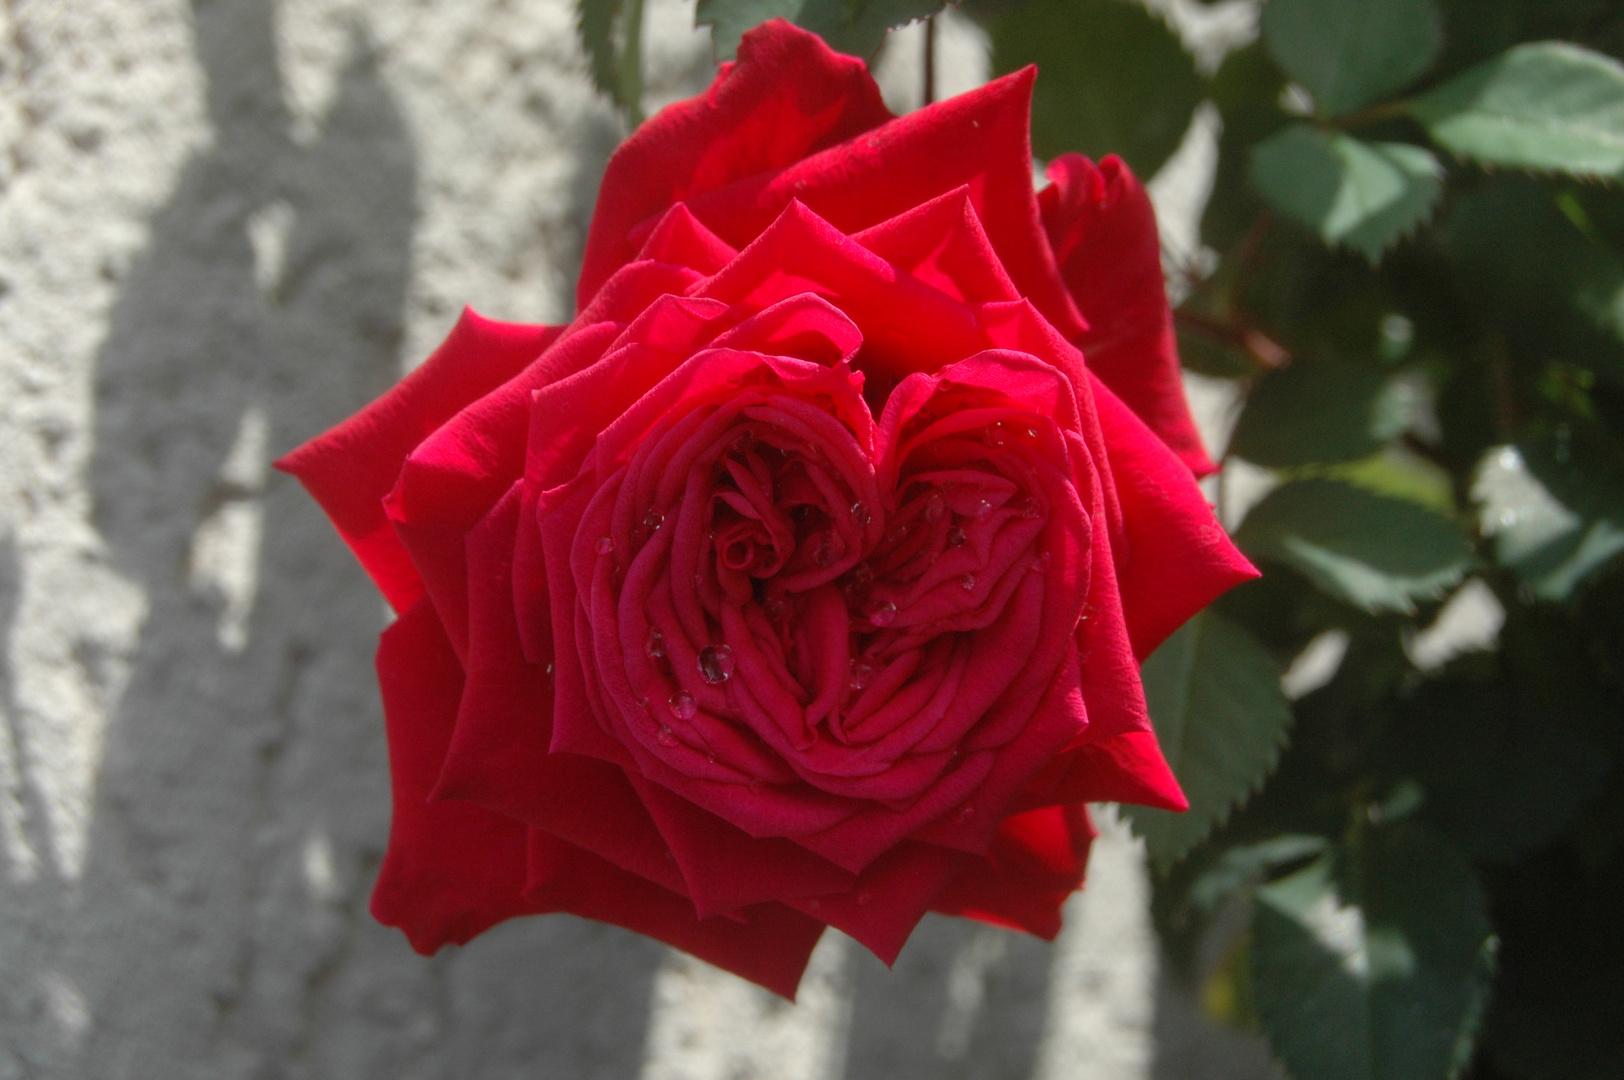 mein herz in form einer rose